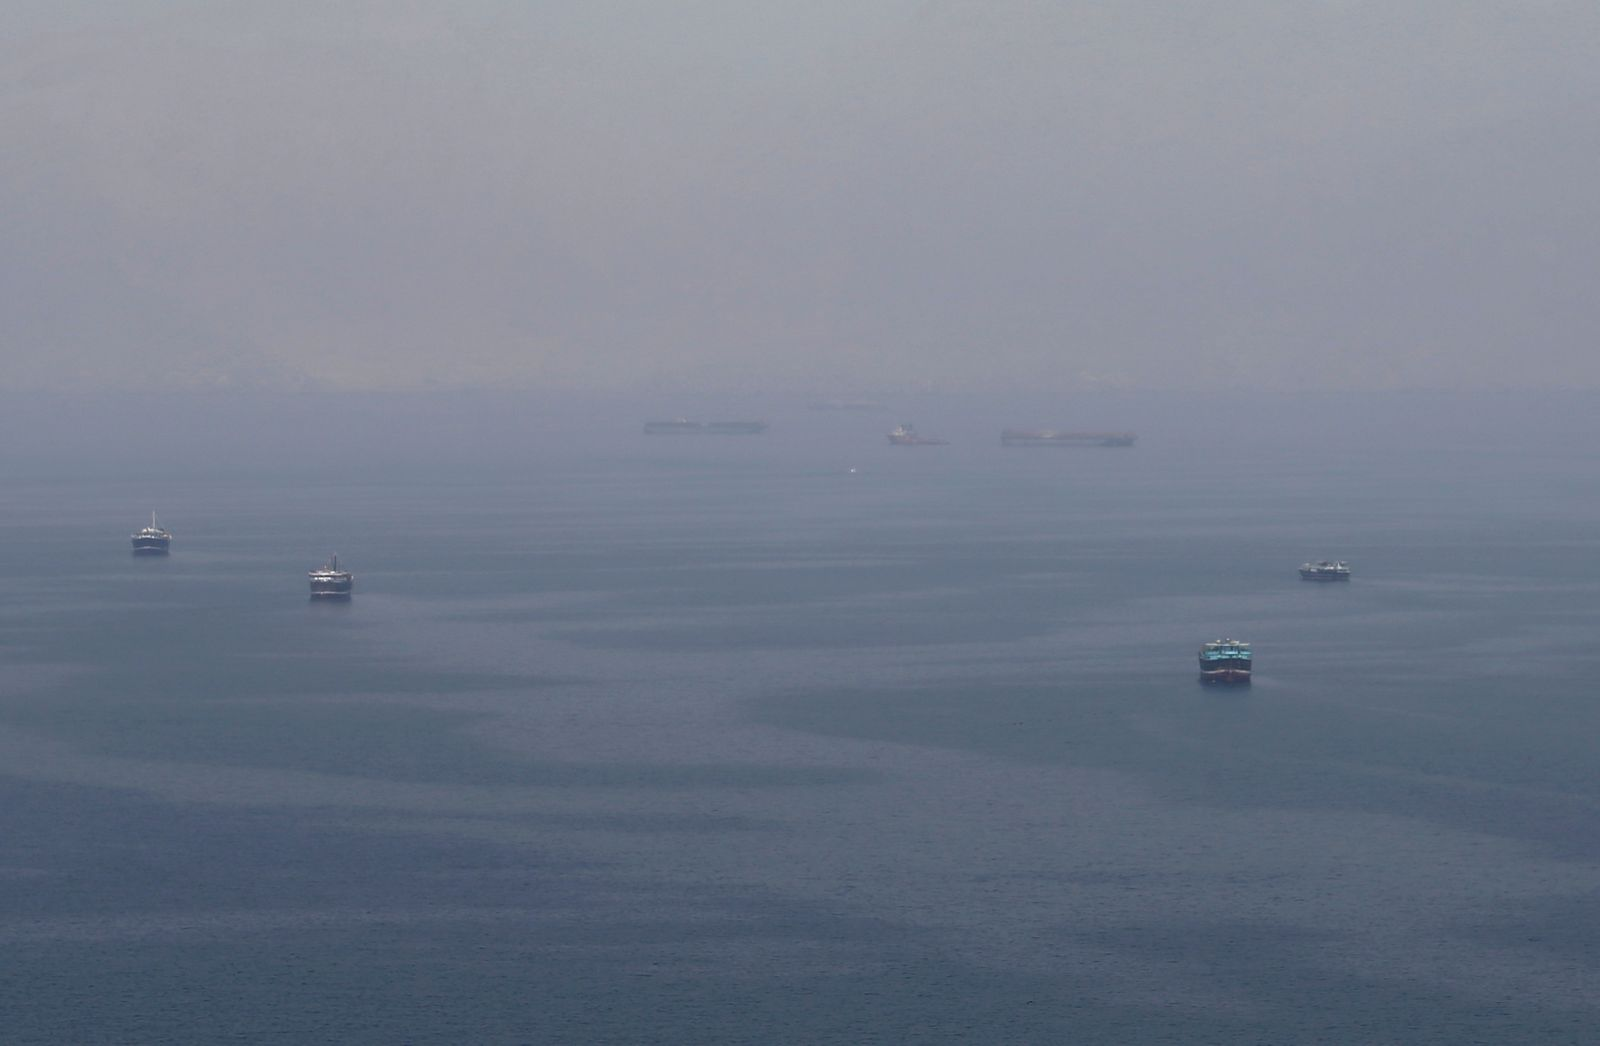 Frachtschiffe/ Oman/ Straße von Hormus